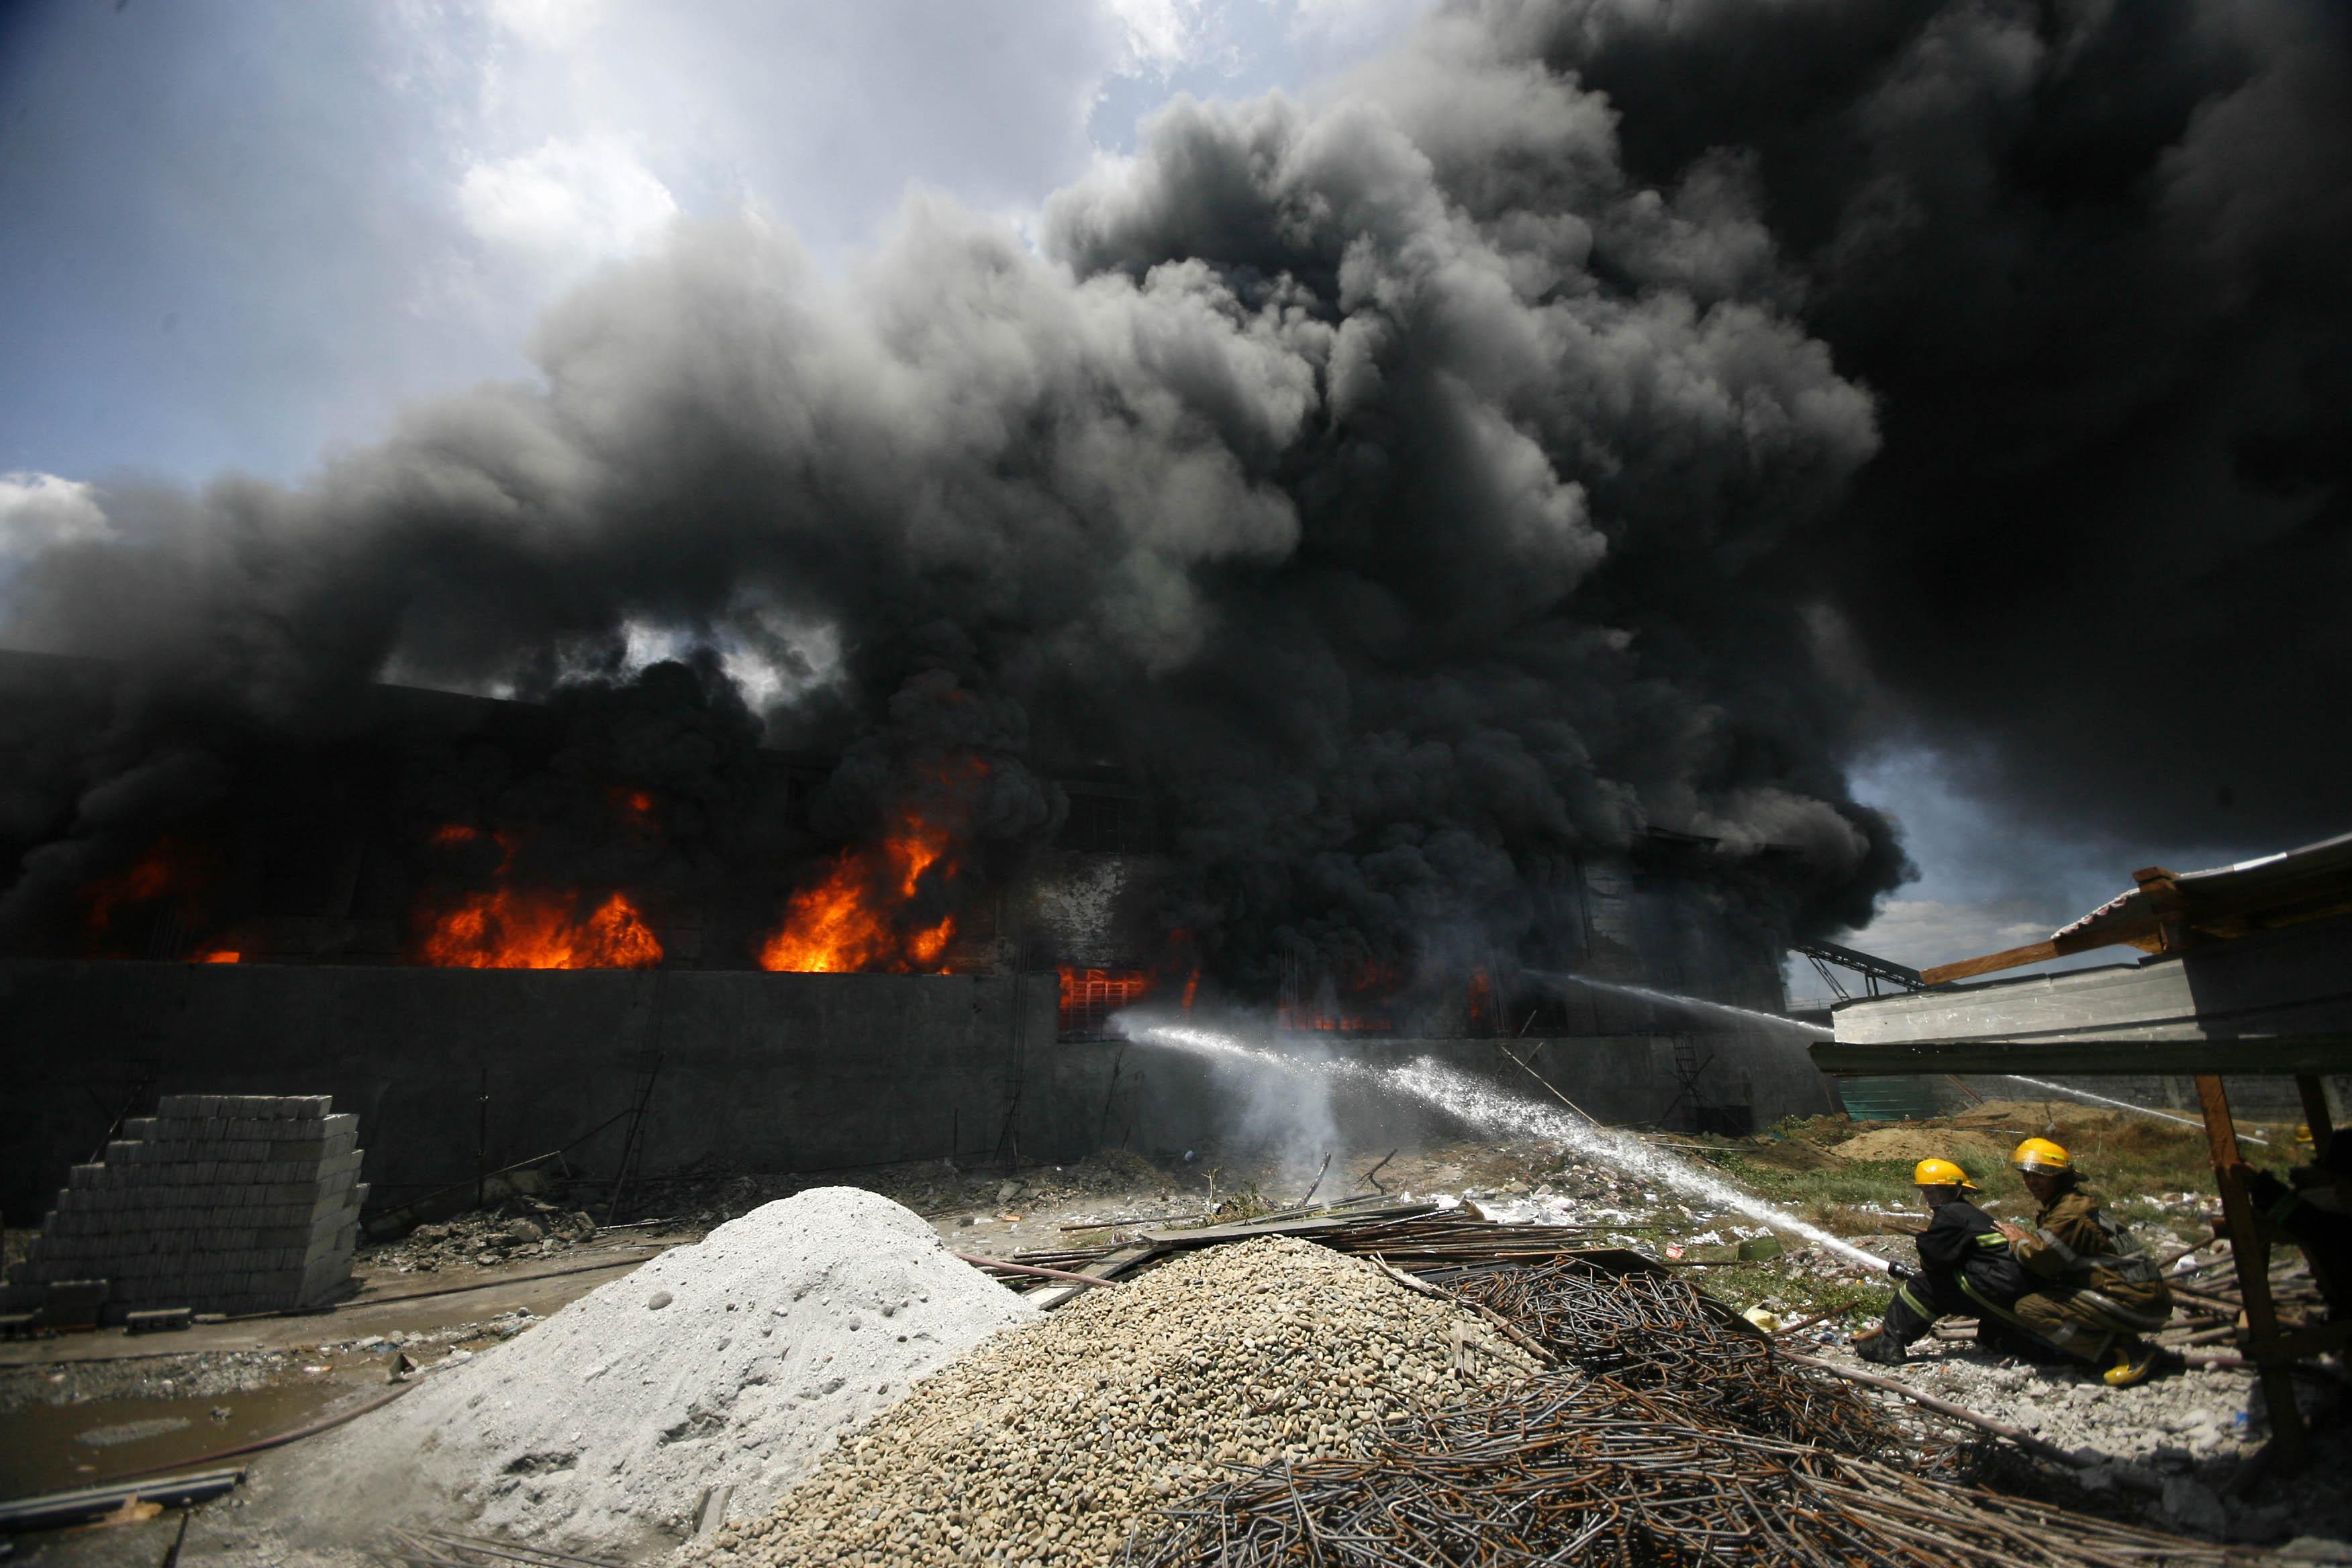 Philippines Valenzuela Fire Valenzuela Factory Fire